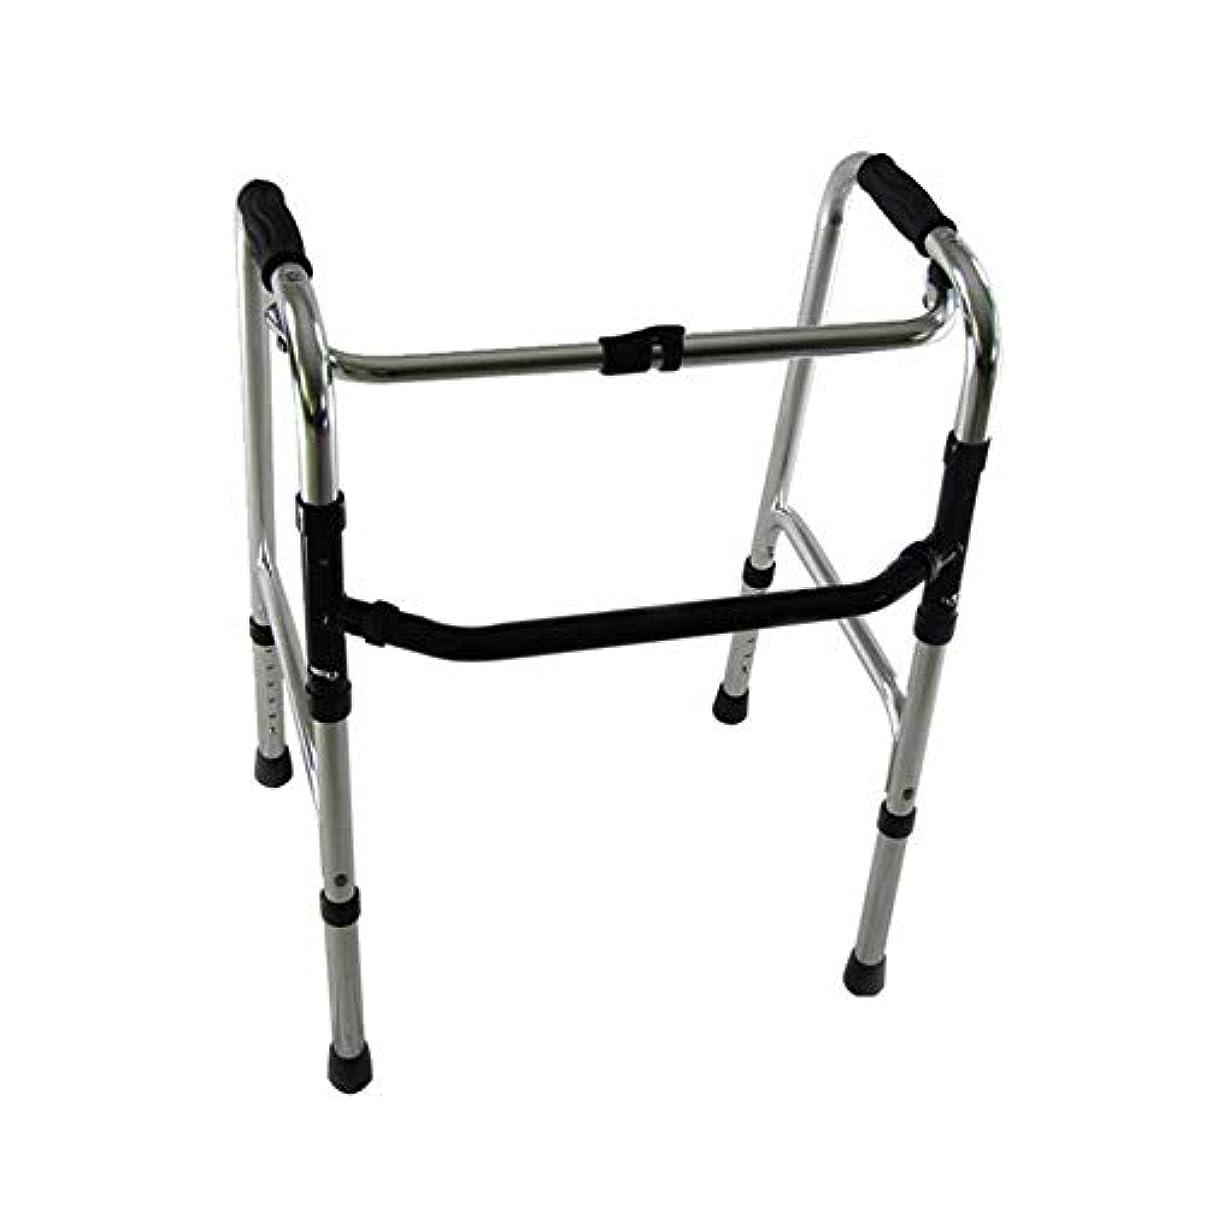 ぬるい師匠許可する高齢者の障害者支援のために調整可能な軽量歩行フレーム折りたたみアルミニウムの高さ